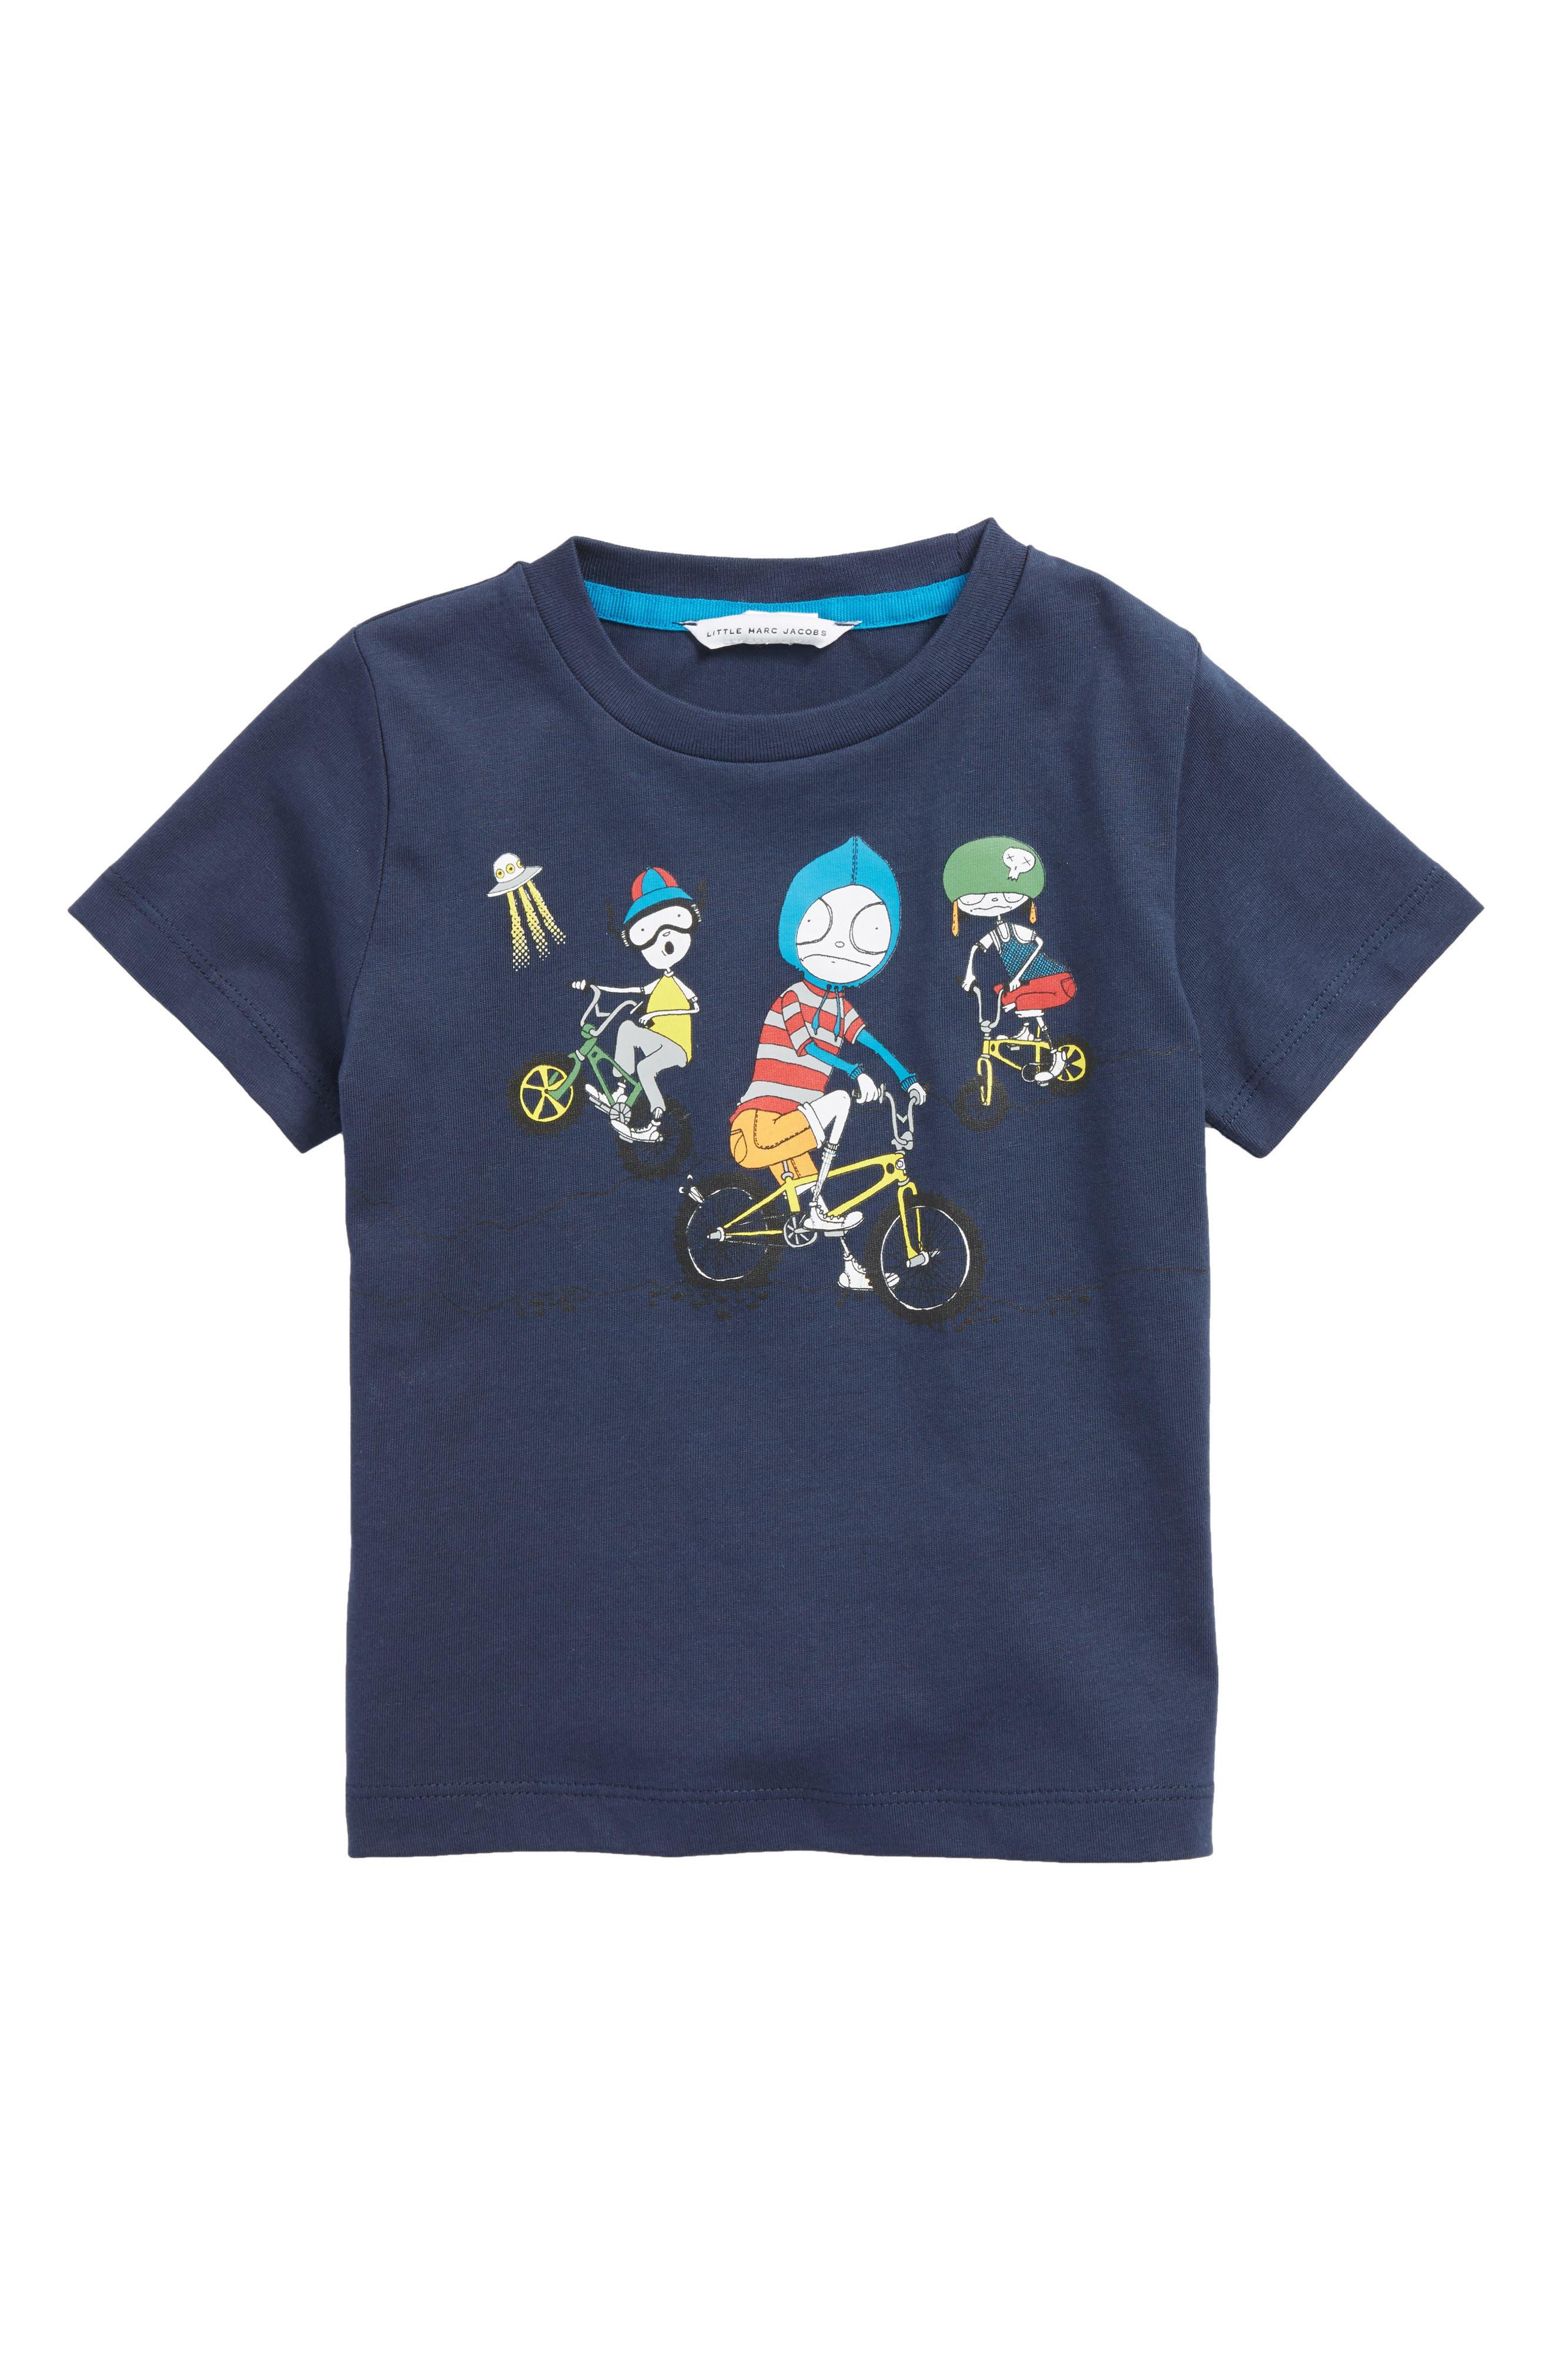 Mister Marc T-Shirt,                         Main,                         color, 401